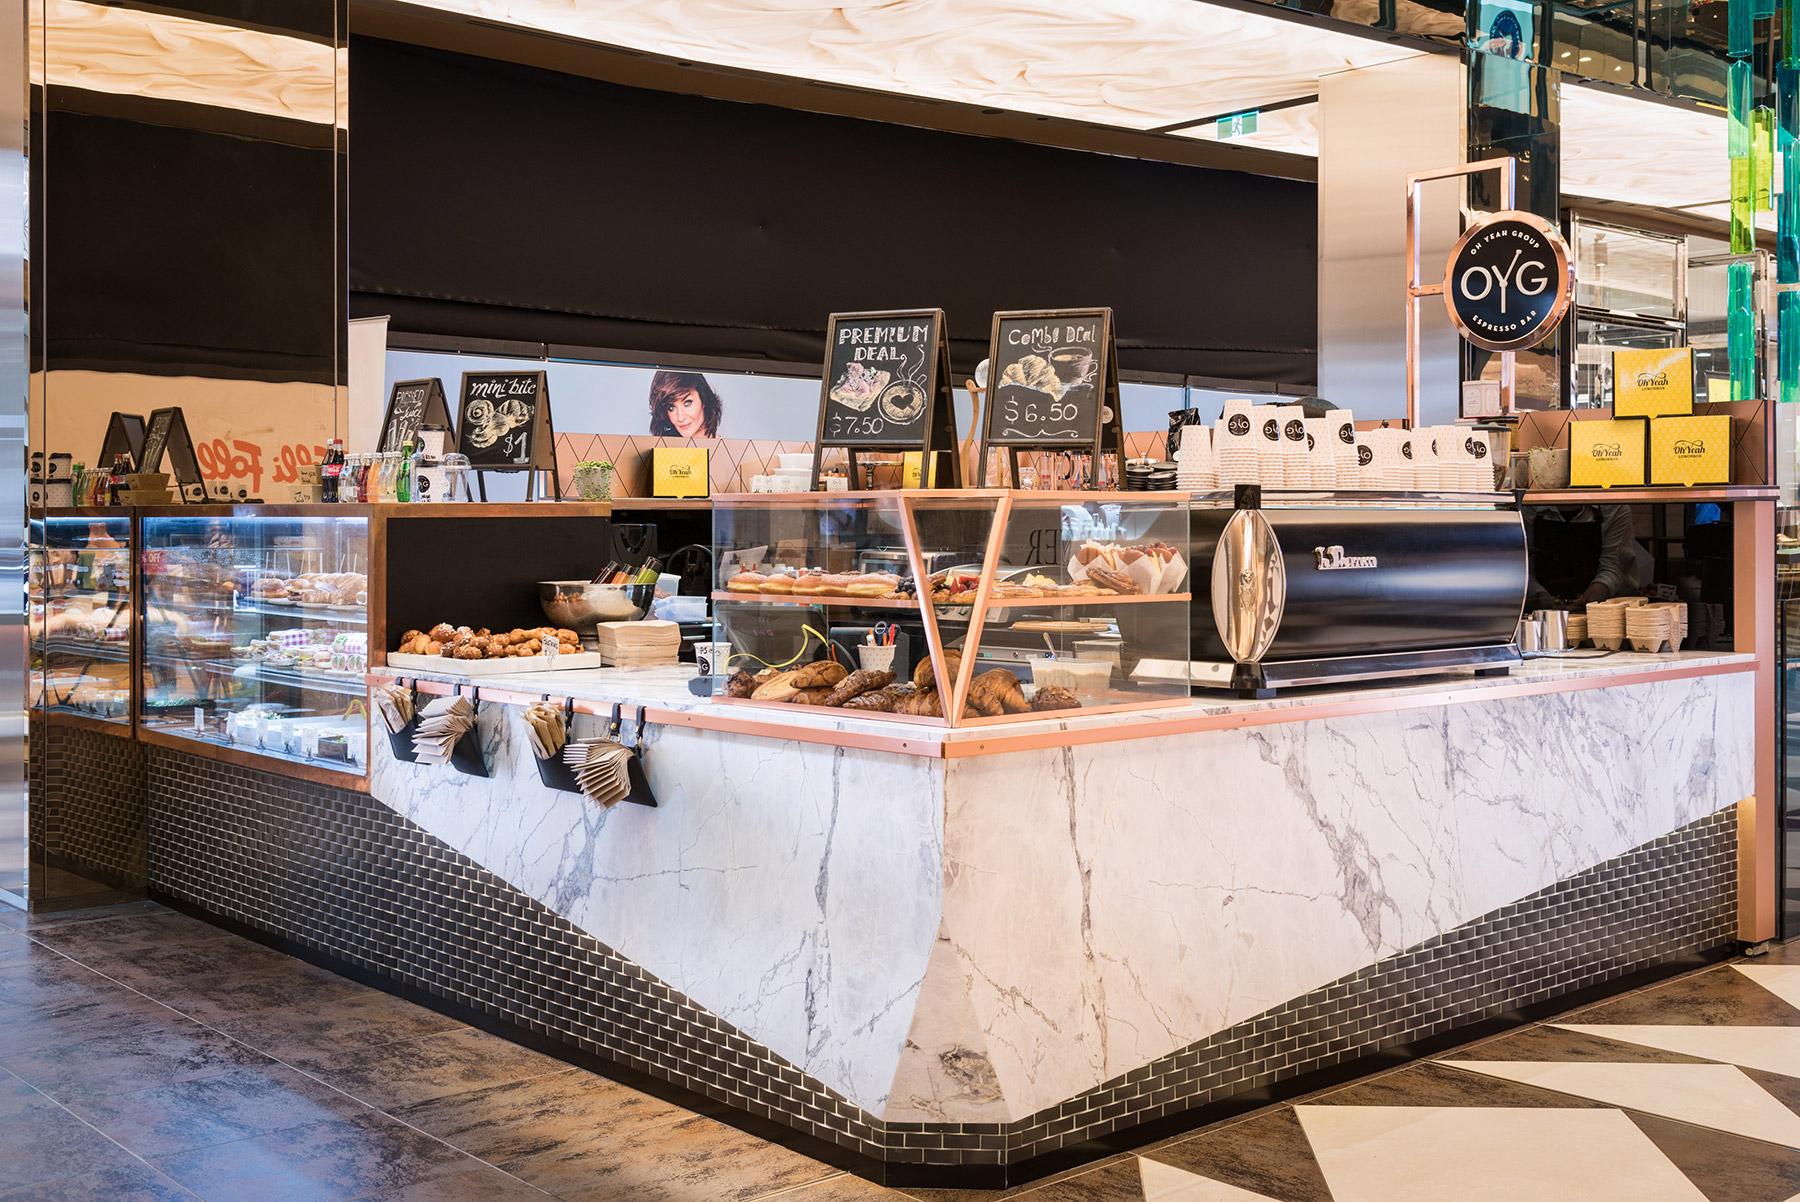 OYG Espresso Bar - interior design by Studio Y.